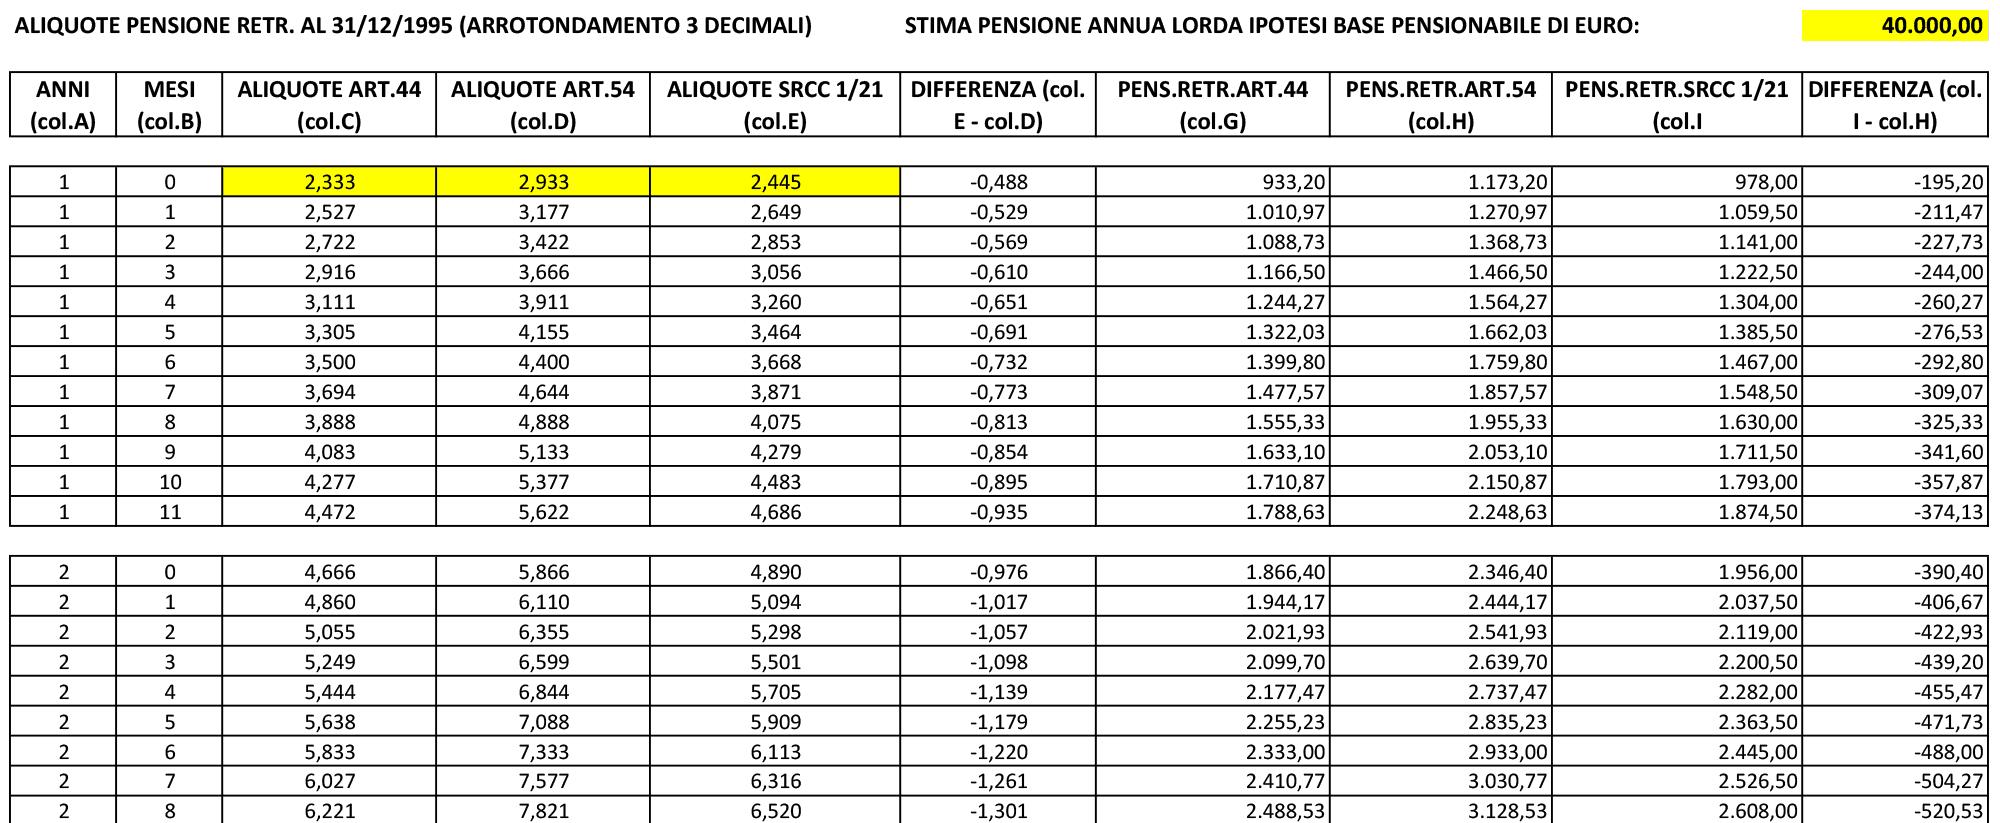 indebito civile e restituzioni le tabelle ed i differenziali